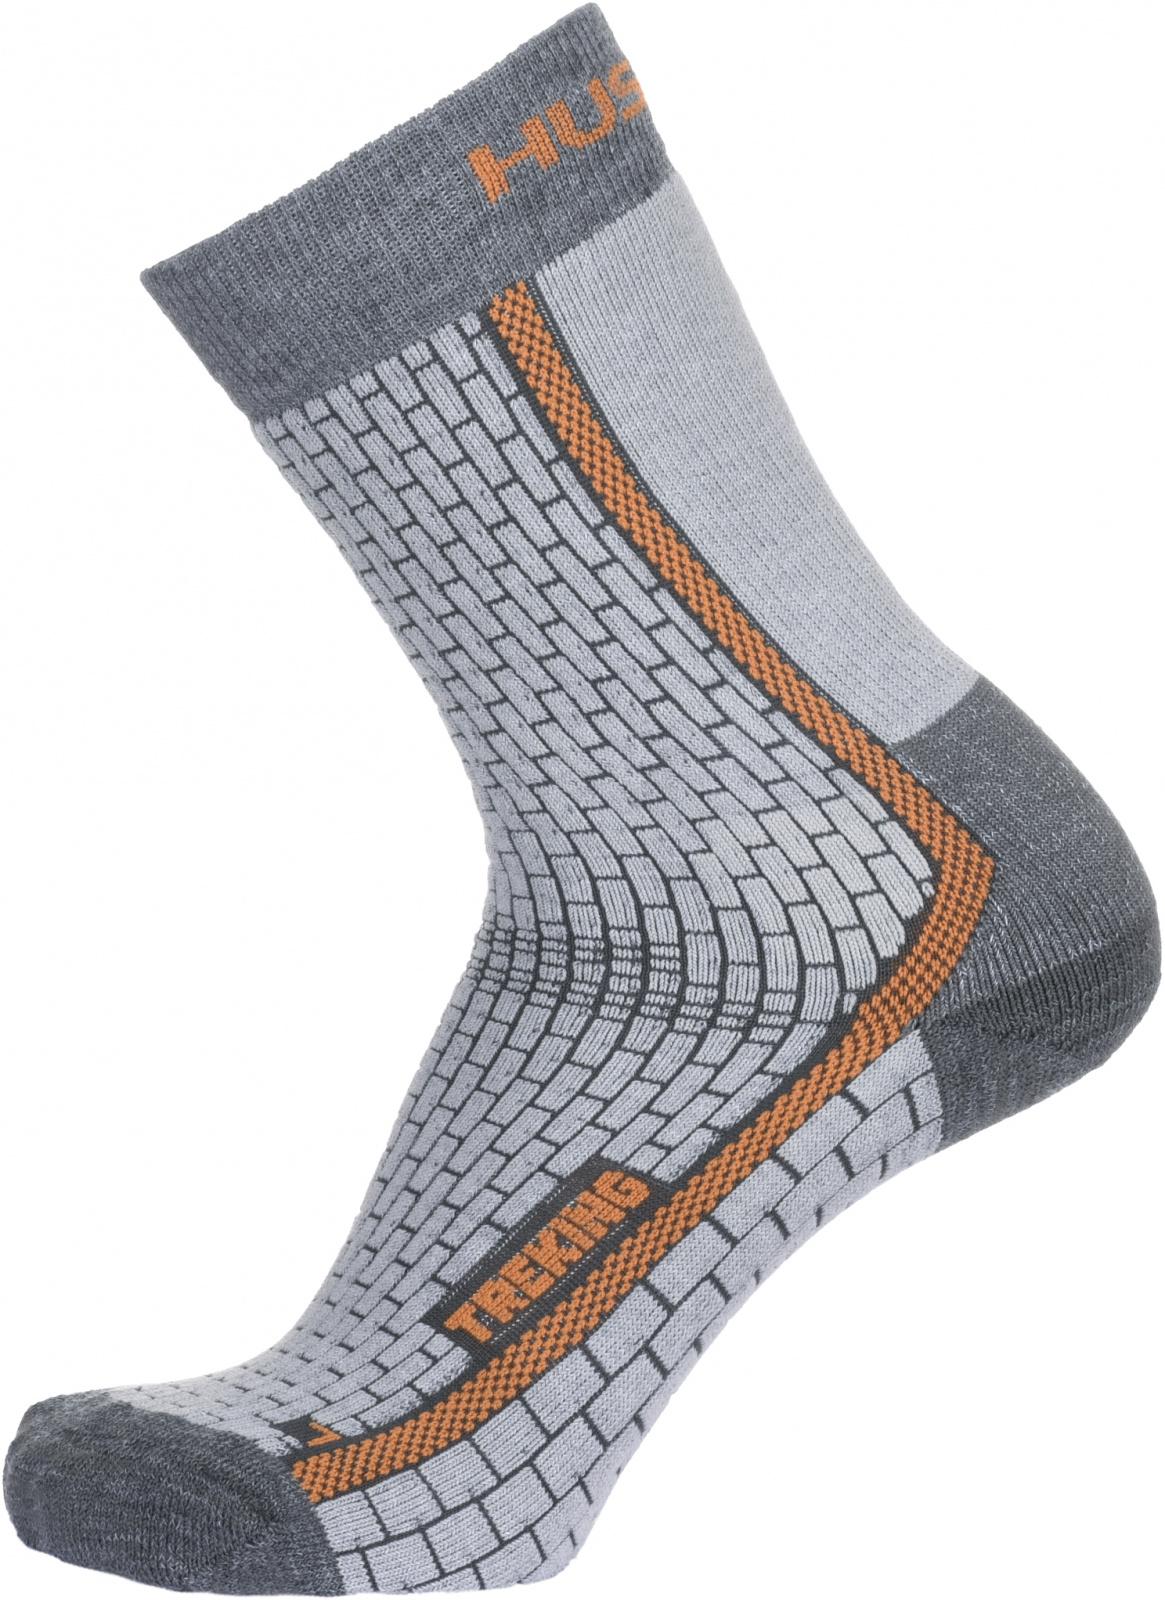 Husky Ponožky Treking šedá/oranžová Velikost: M (36-40) ponožky